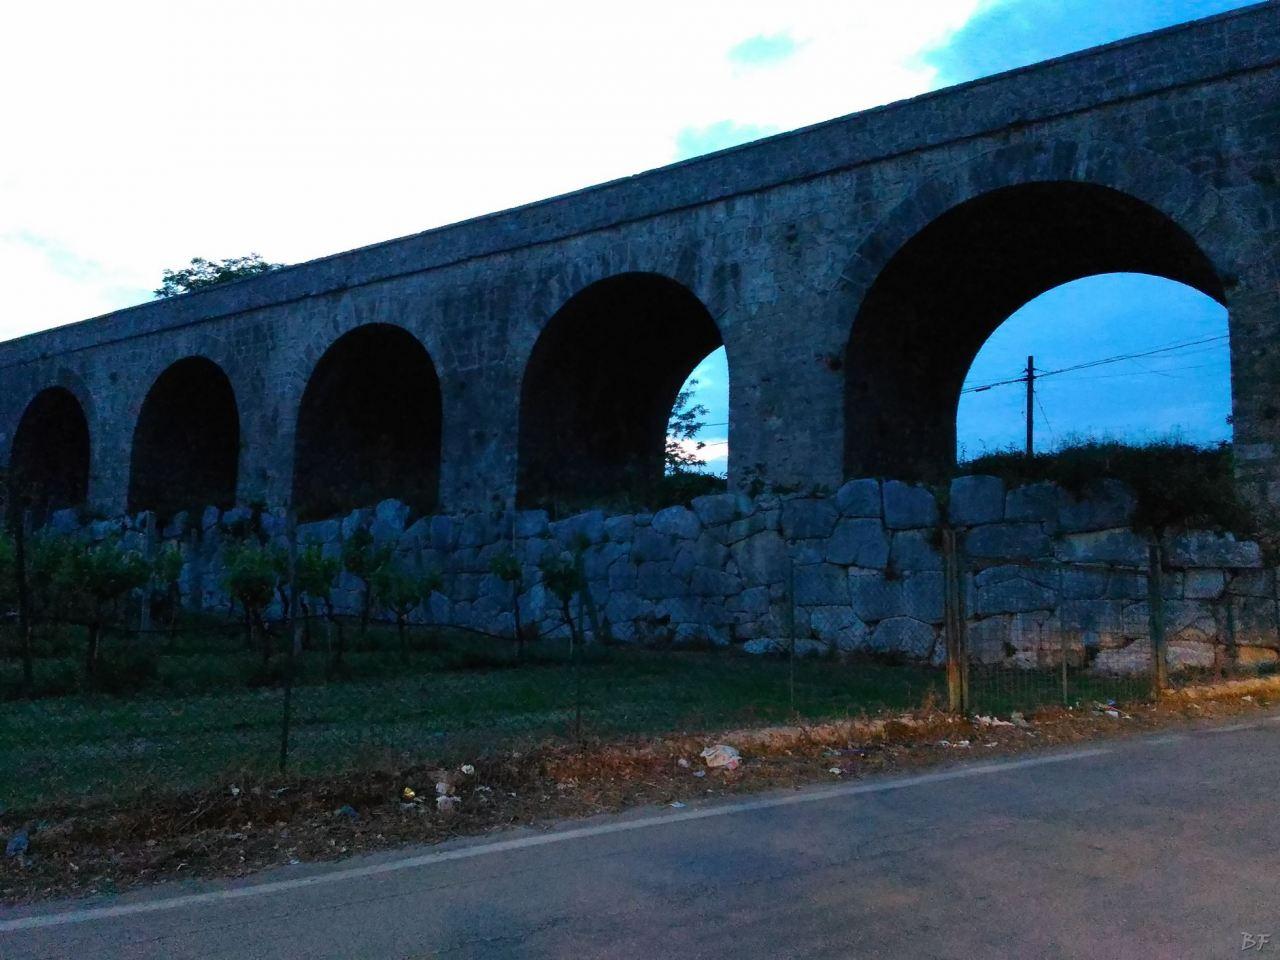 Ferentinum-Mura-Poligonali-Megalitiche-Ferentino-Frosinone-Lazio-Italia-23